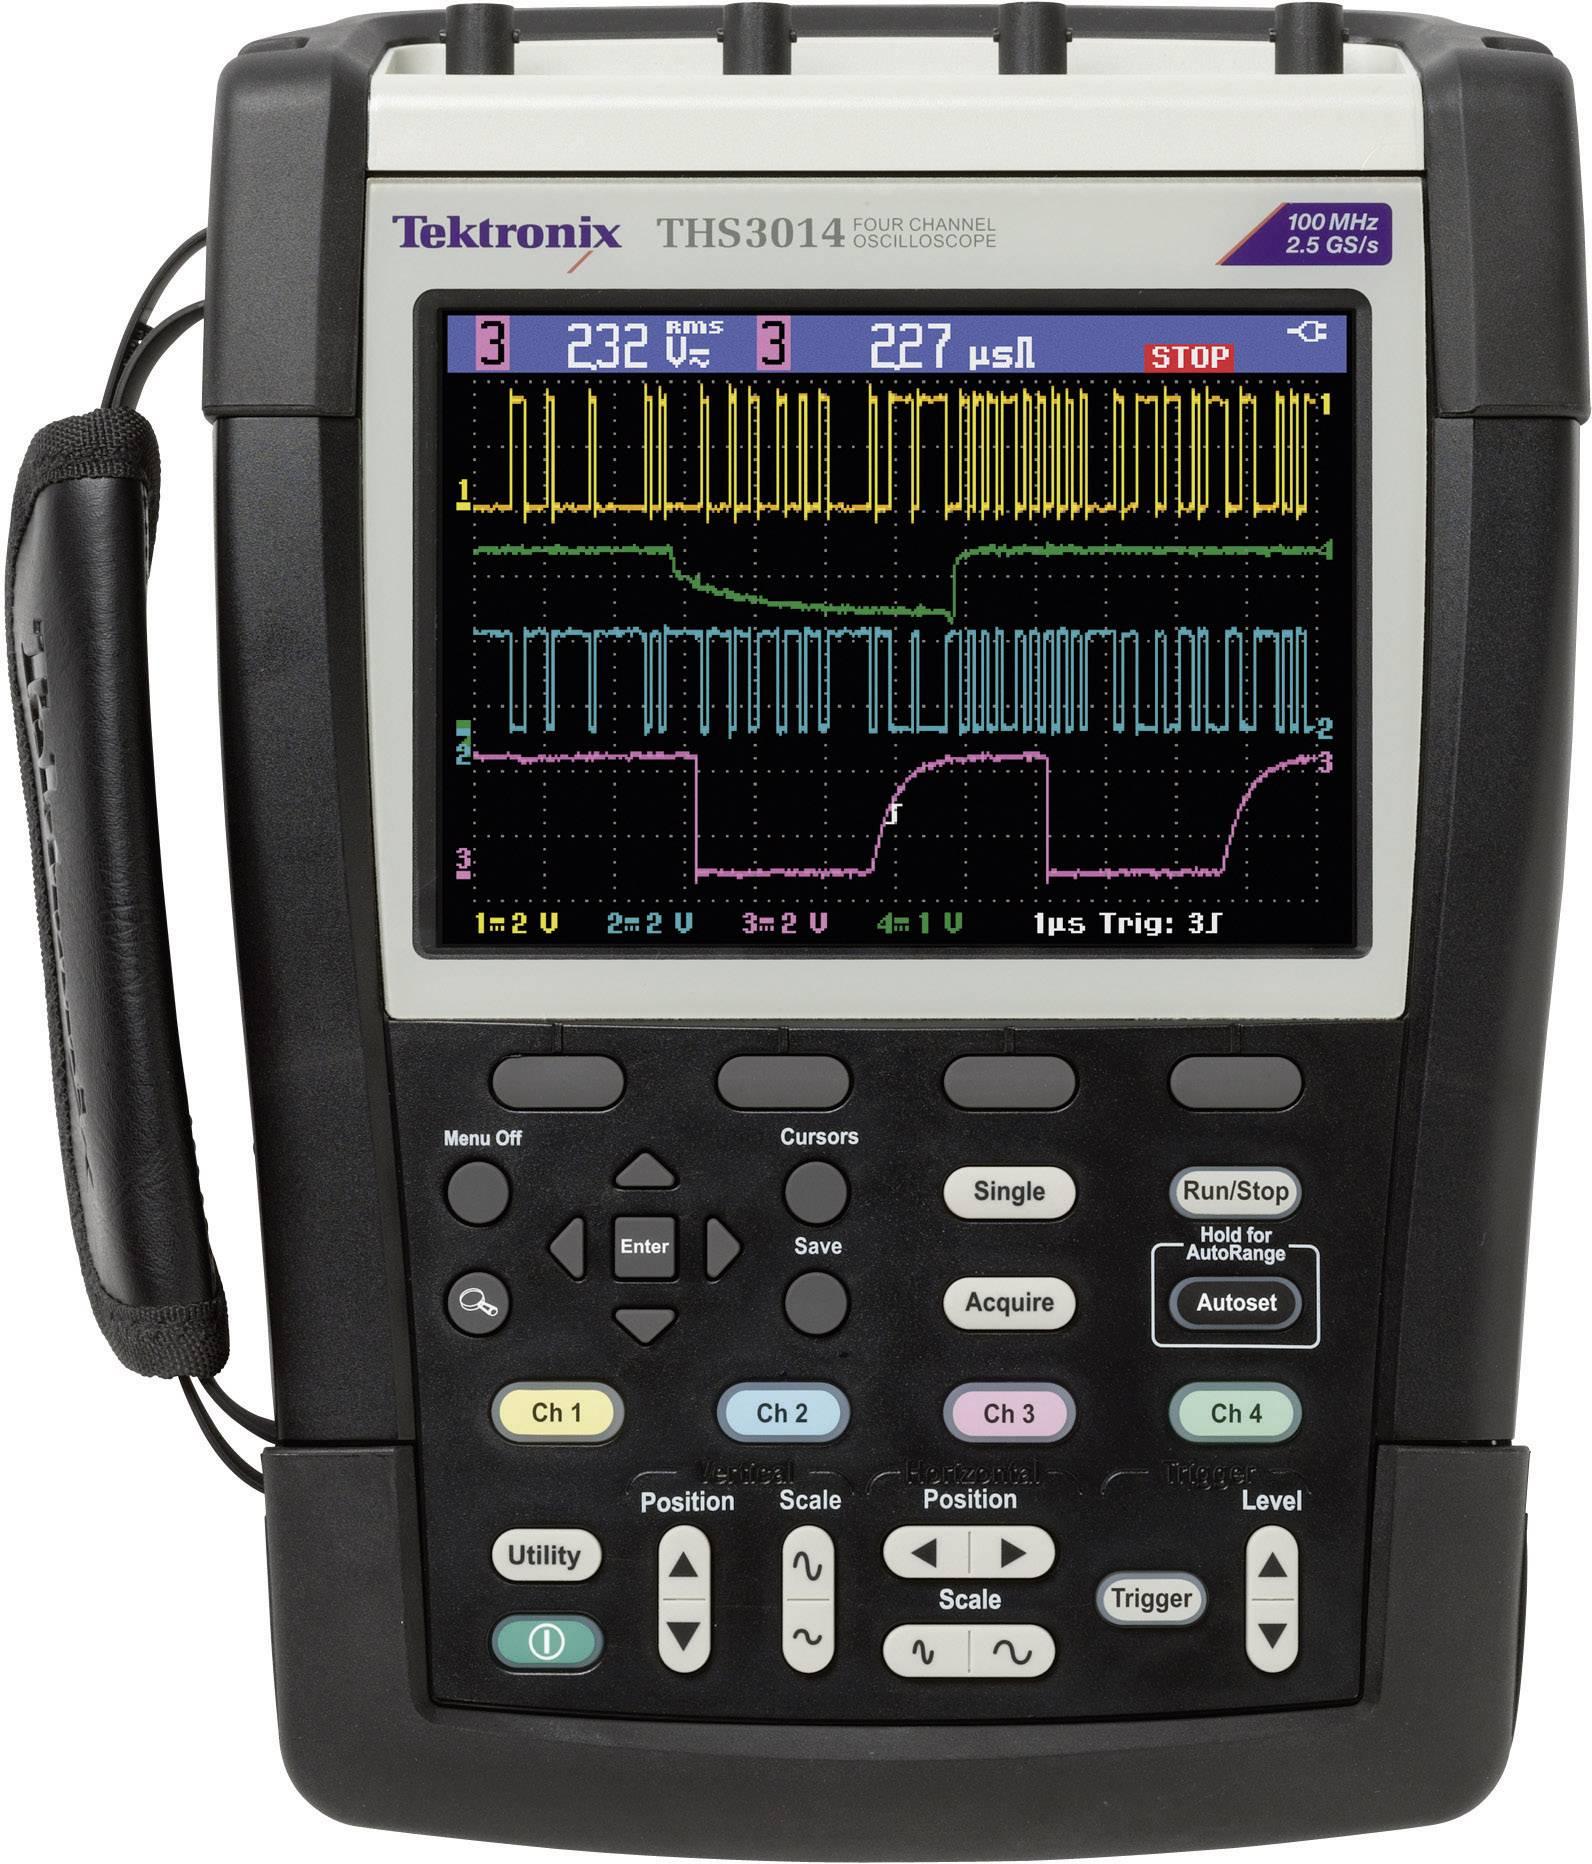 Ručný osciloskop Tektronix THS3024, 200 MHz, 4-kanálový